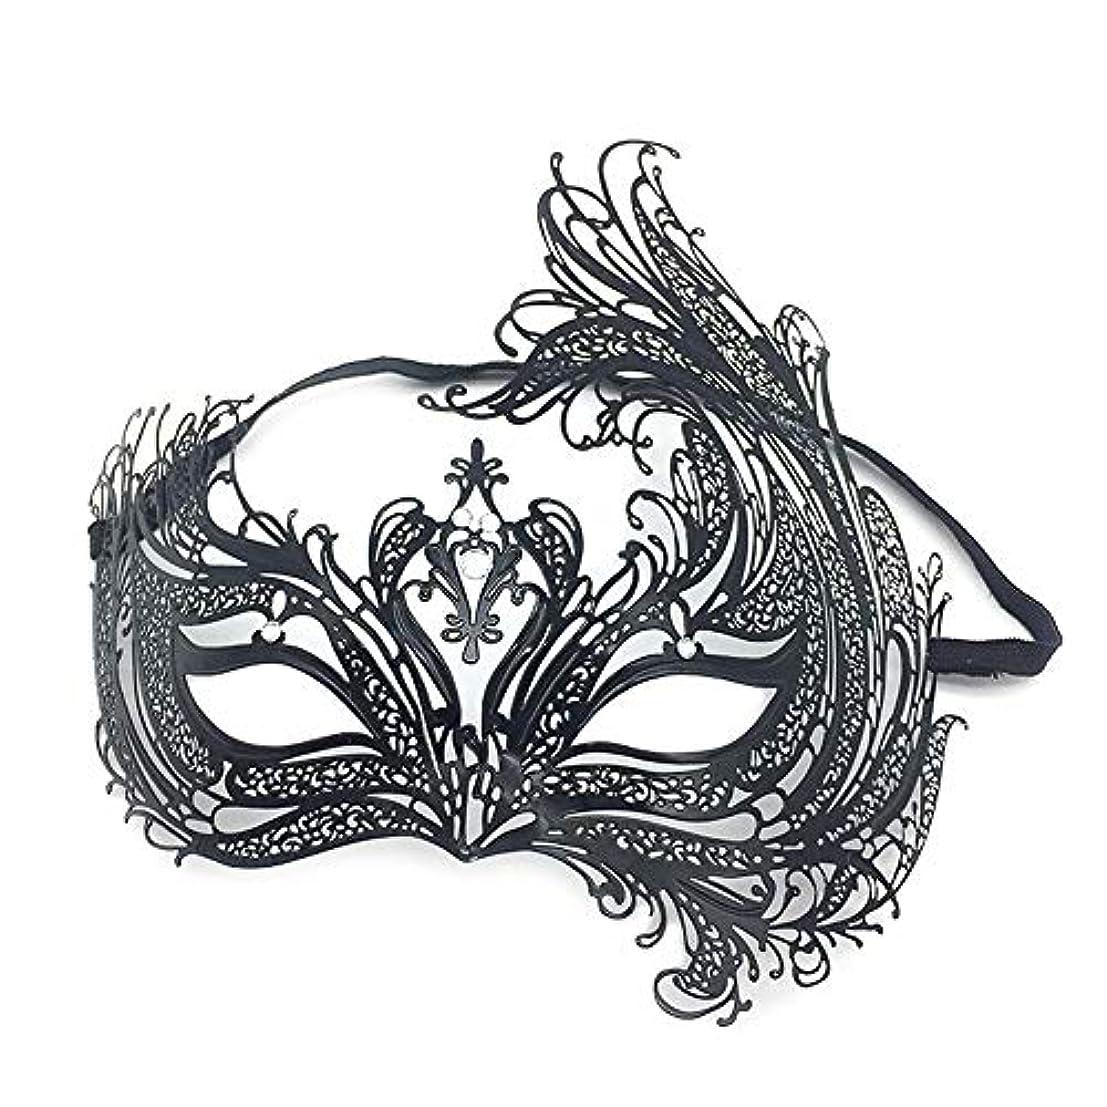 うぬぼれた生む助手ダンスマスク 仮面舞踏会パーティーブラックセクシーハーフフェイスフェニックスハロウィーンロールプレイングメタルマスクガール パーティーボールマスク (色 : ブラック, サイズ : 20x19cm)